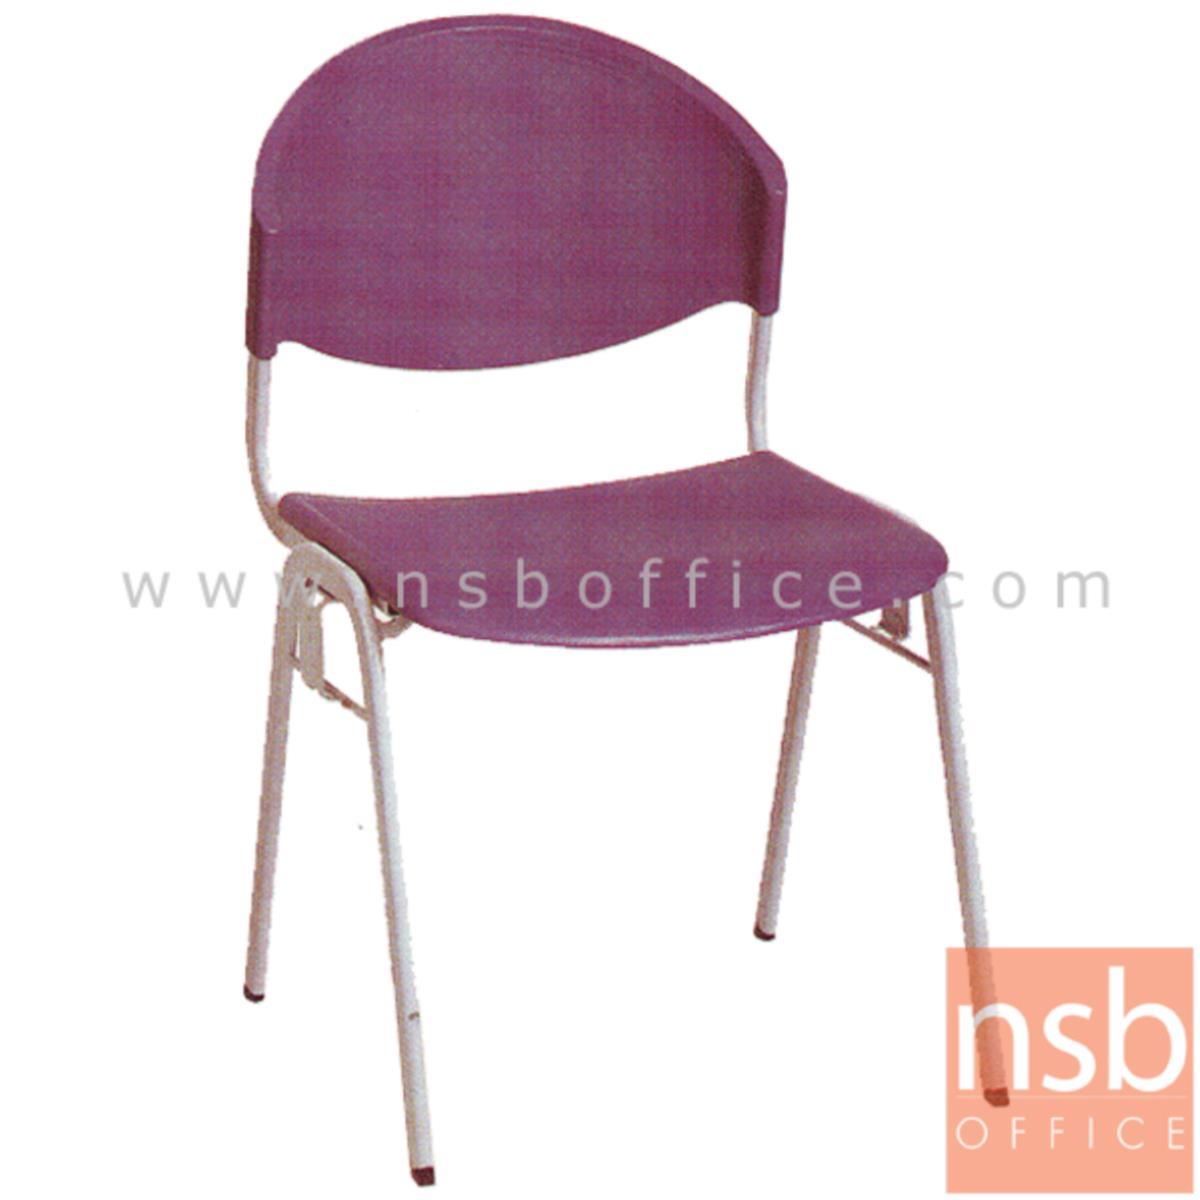 B05A031:เก้าอี้อเนกประสงค์เฟรมโพลี่   มีตัวเกี่ยวด้านข้าง ขาวีคว่ำ